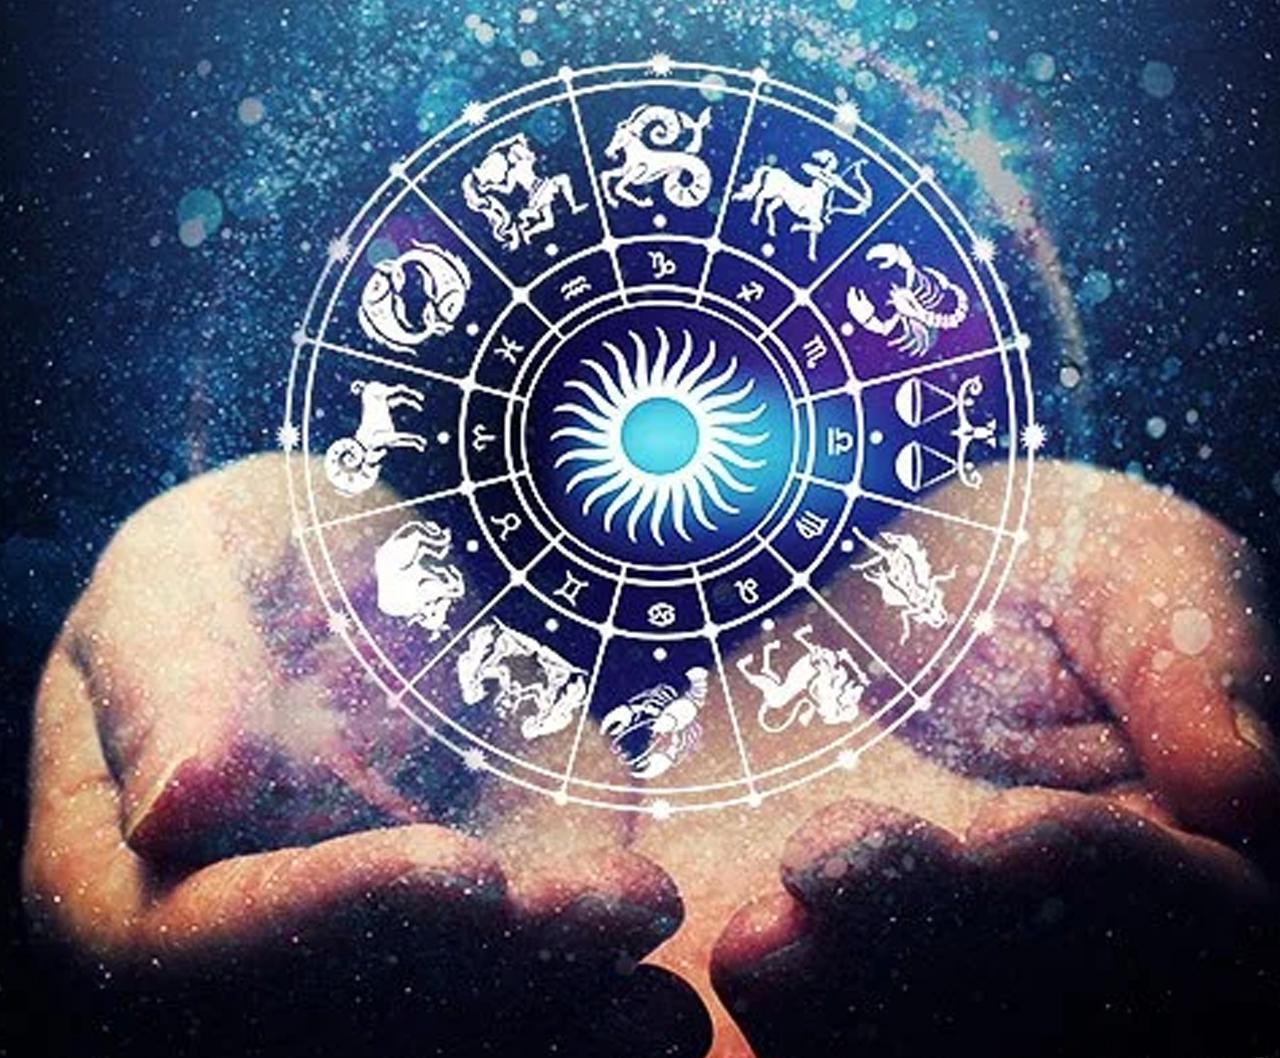 占星與星座運勢